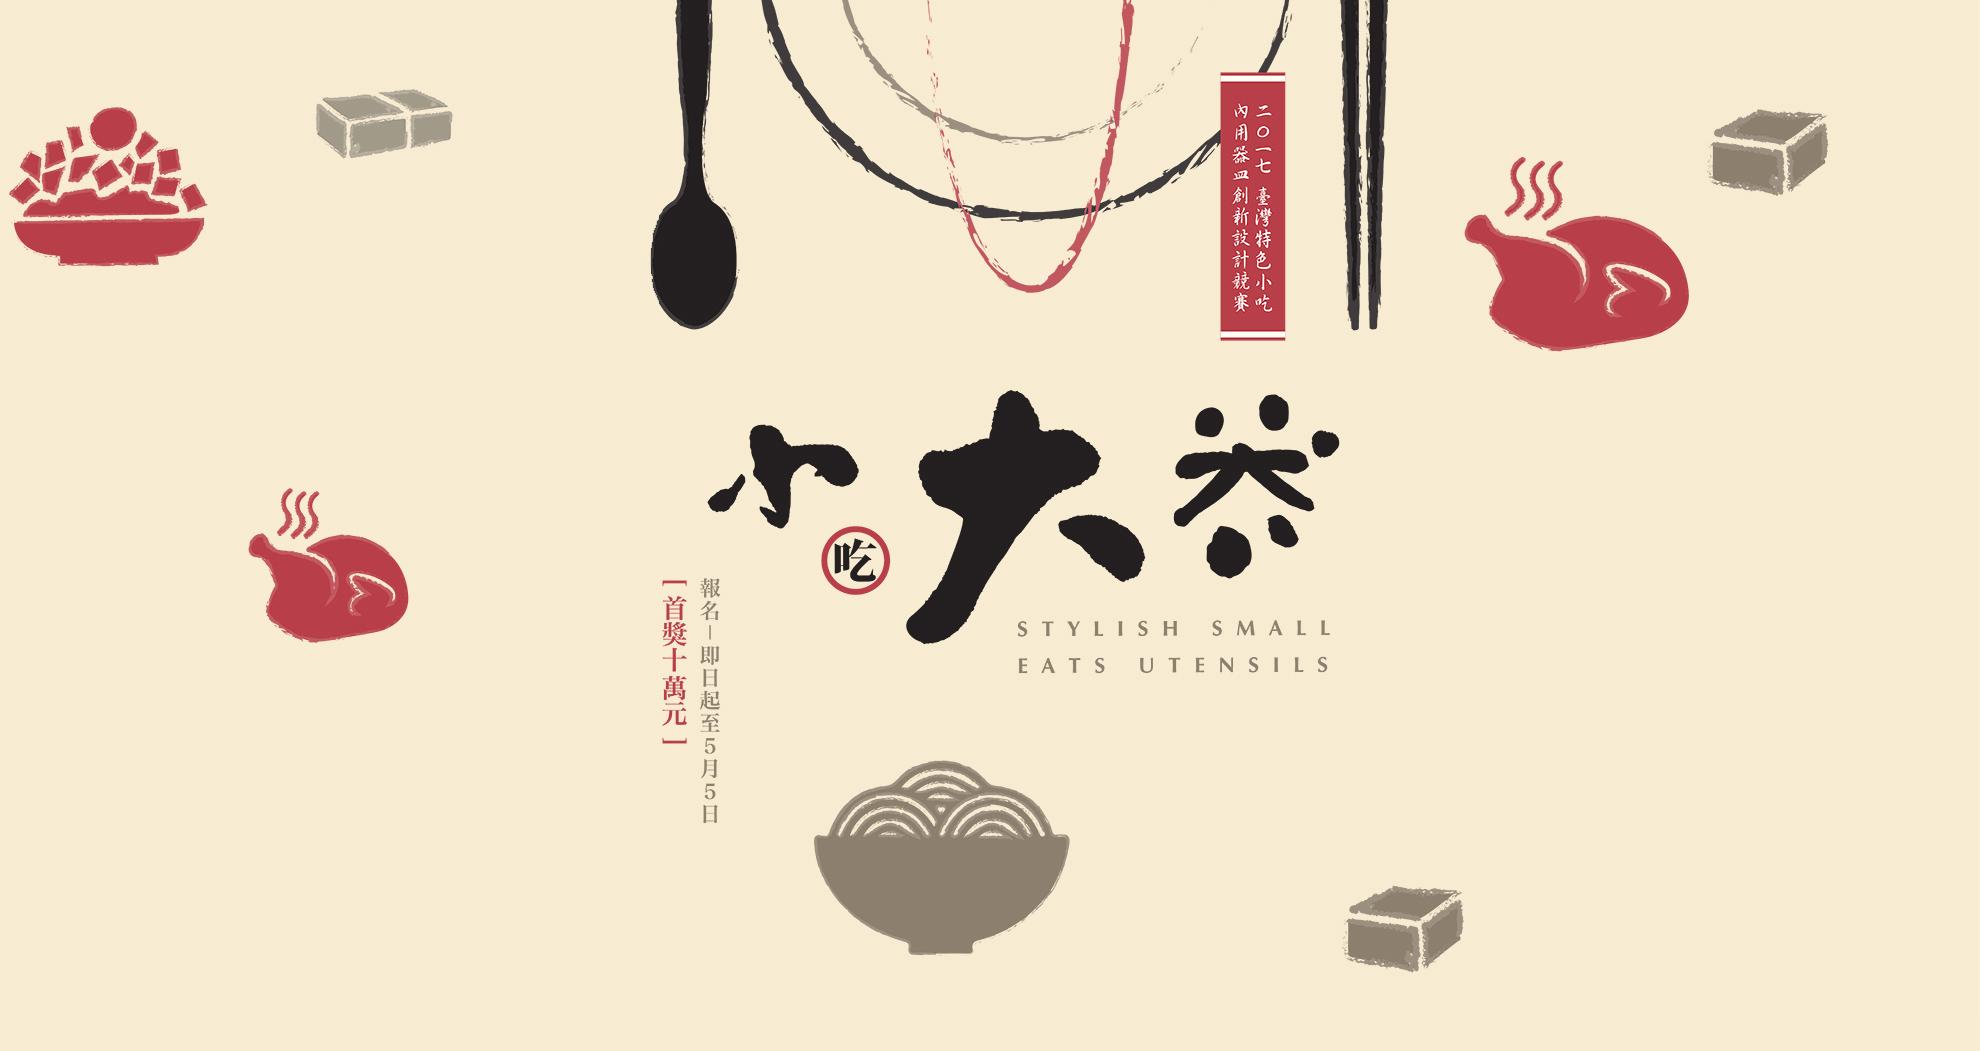 2017台灣特色小吃內用器皿創新設計